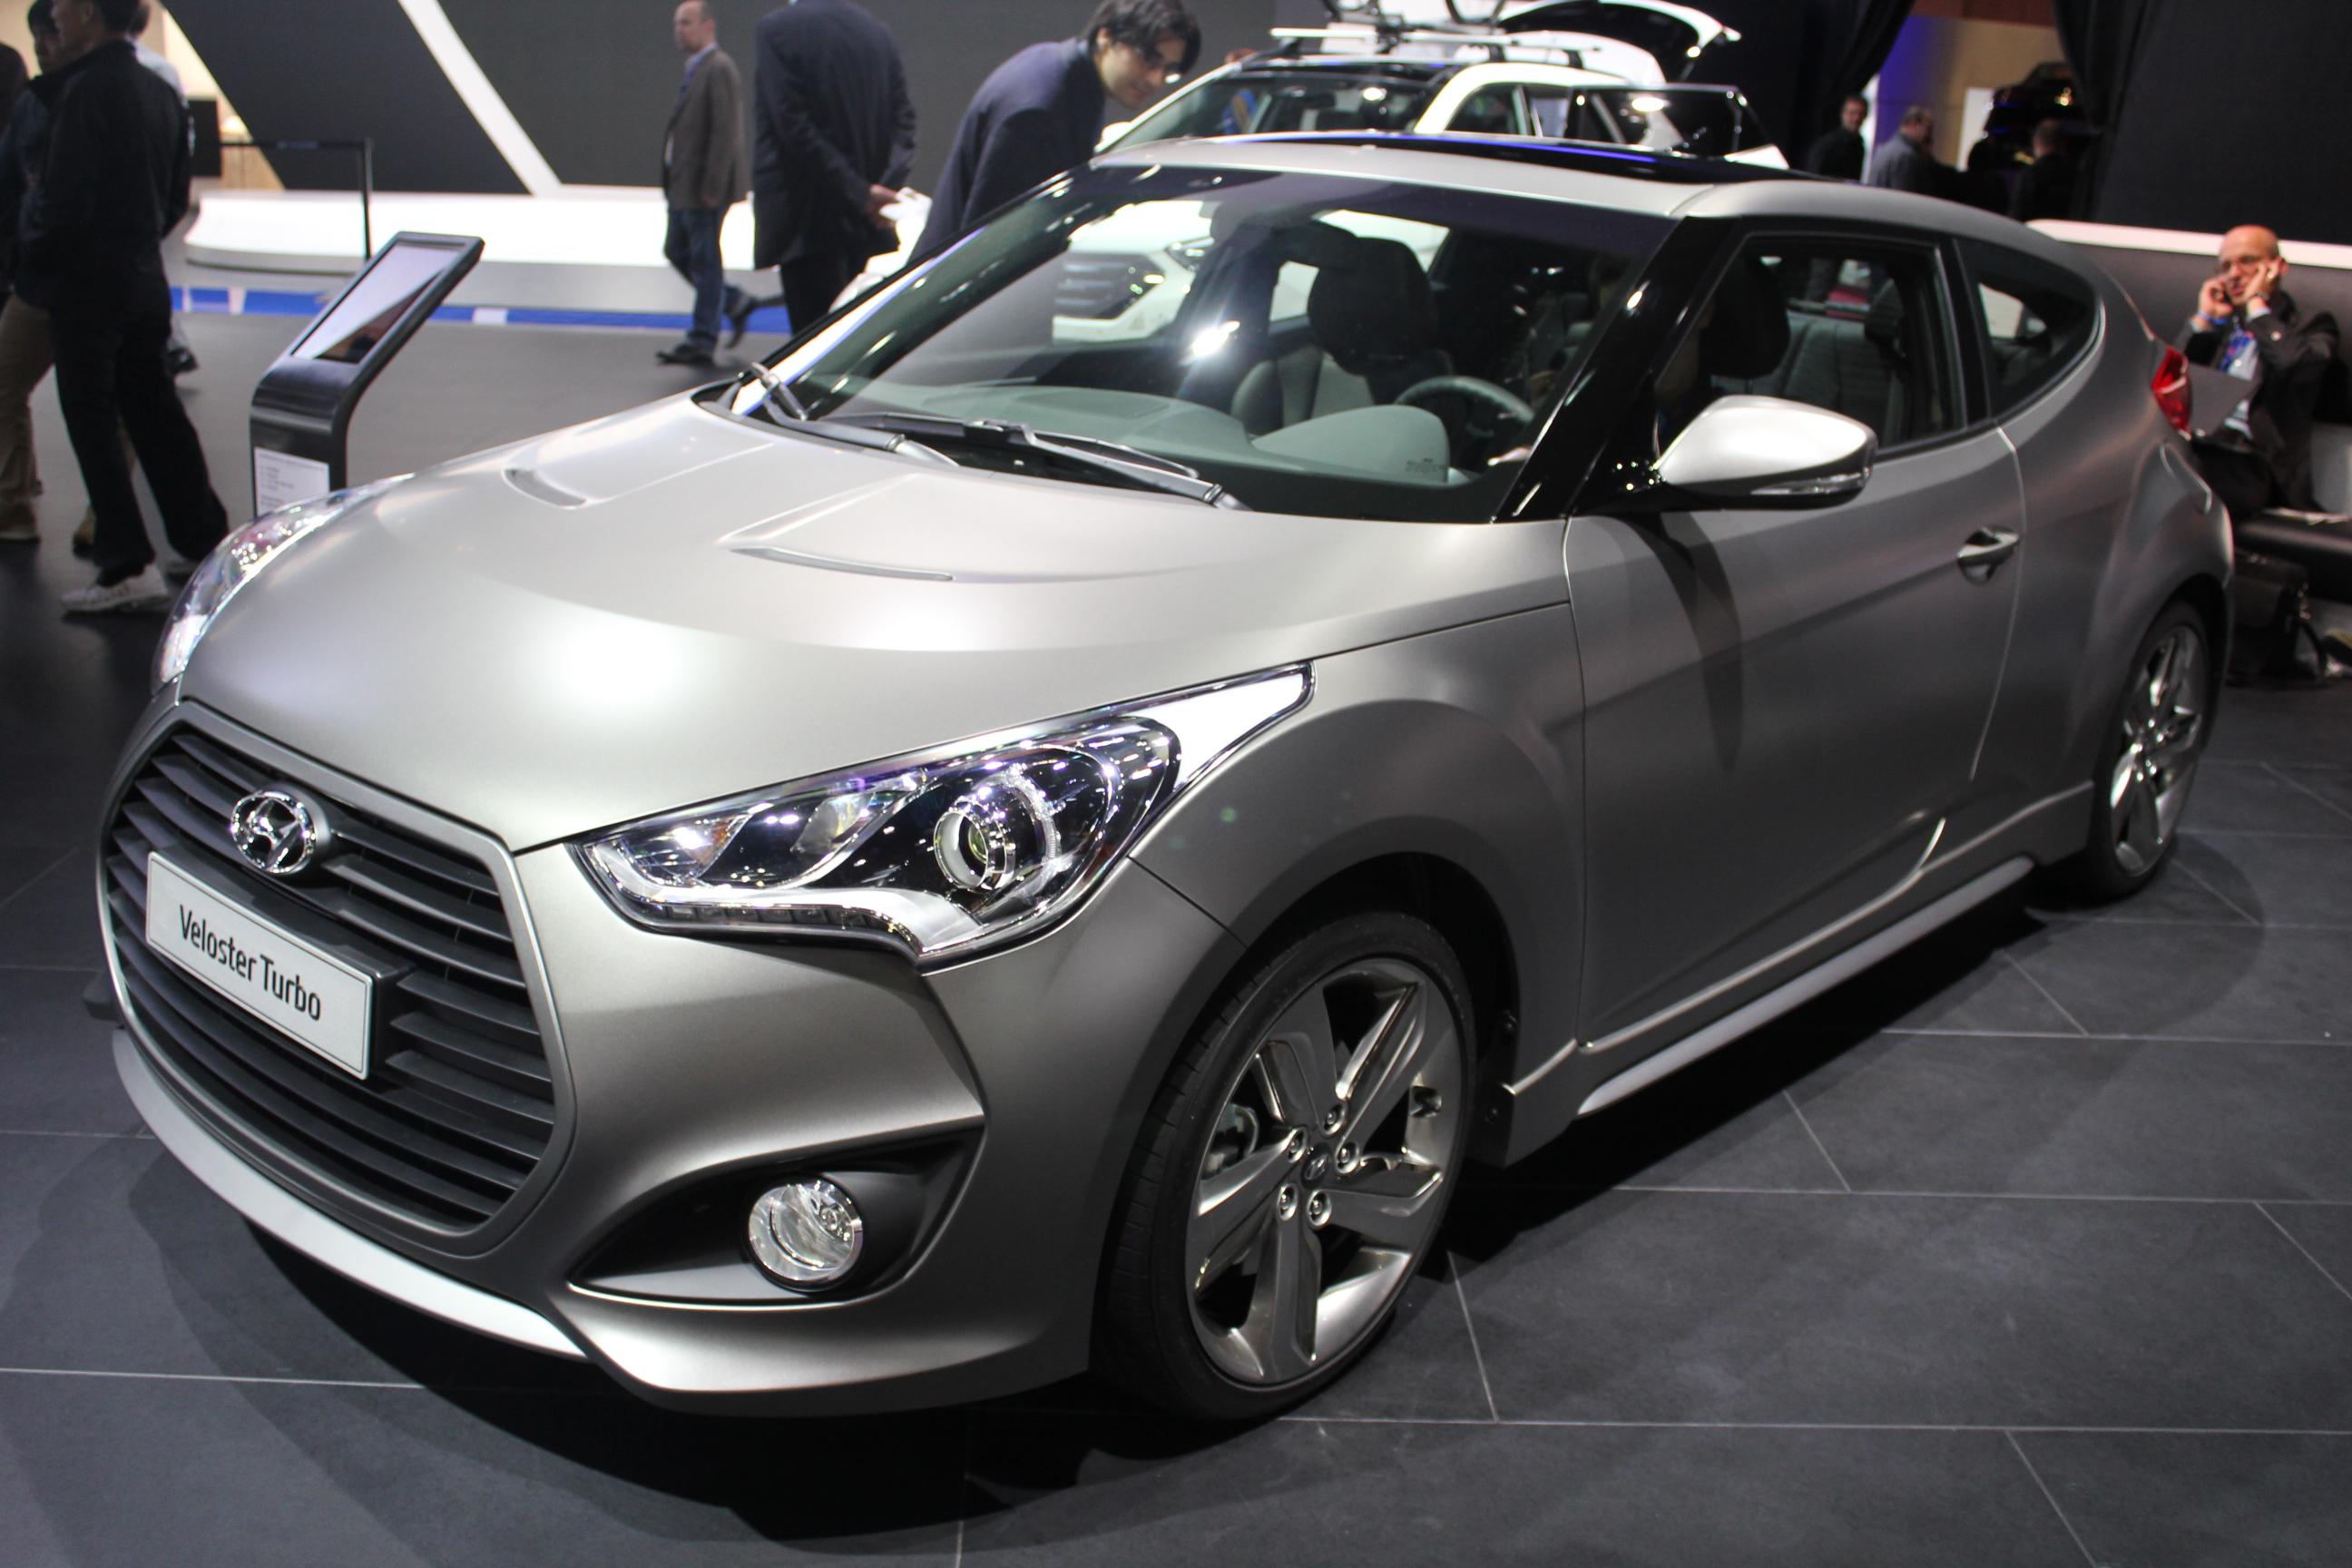 http://images.caradisiac.com/images/1/3/7/2/81372/S0-En-direct-du-Mondial-2012-Hyundai-Veloster-Turbo-les-chevaux-qui-lui-manquaient-273903.jpg